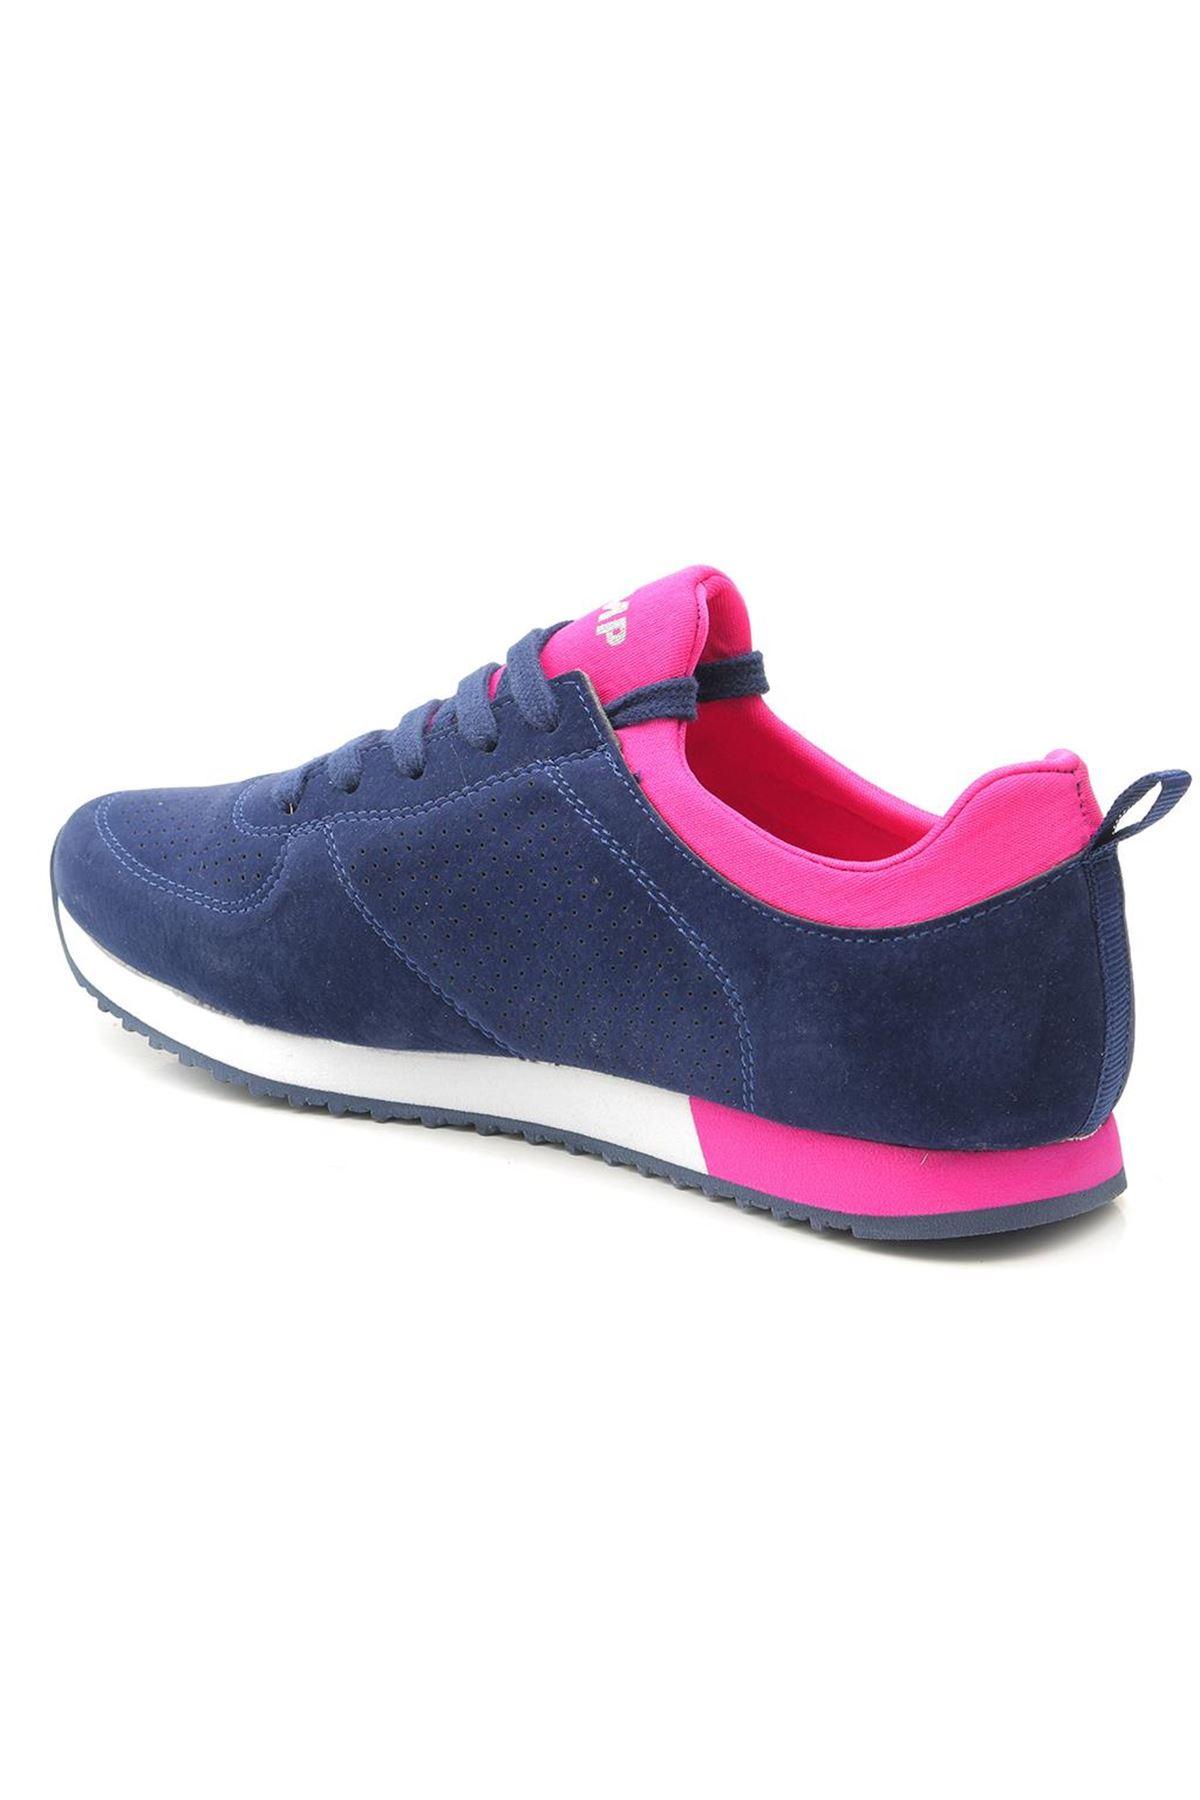 Jump 202300 Günlük Casual Kadın Spor Ayakkabı